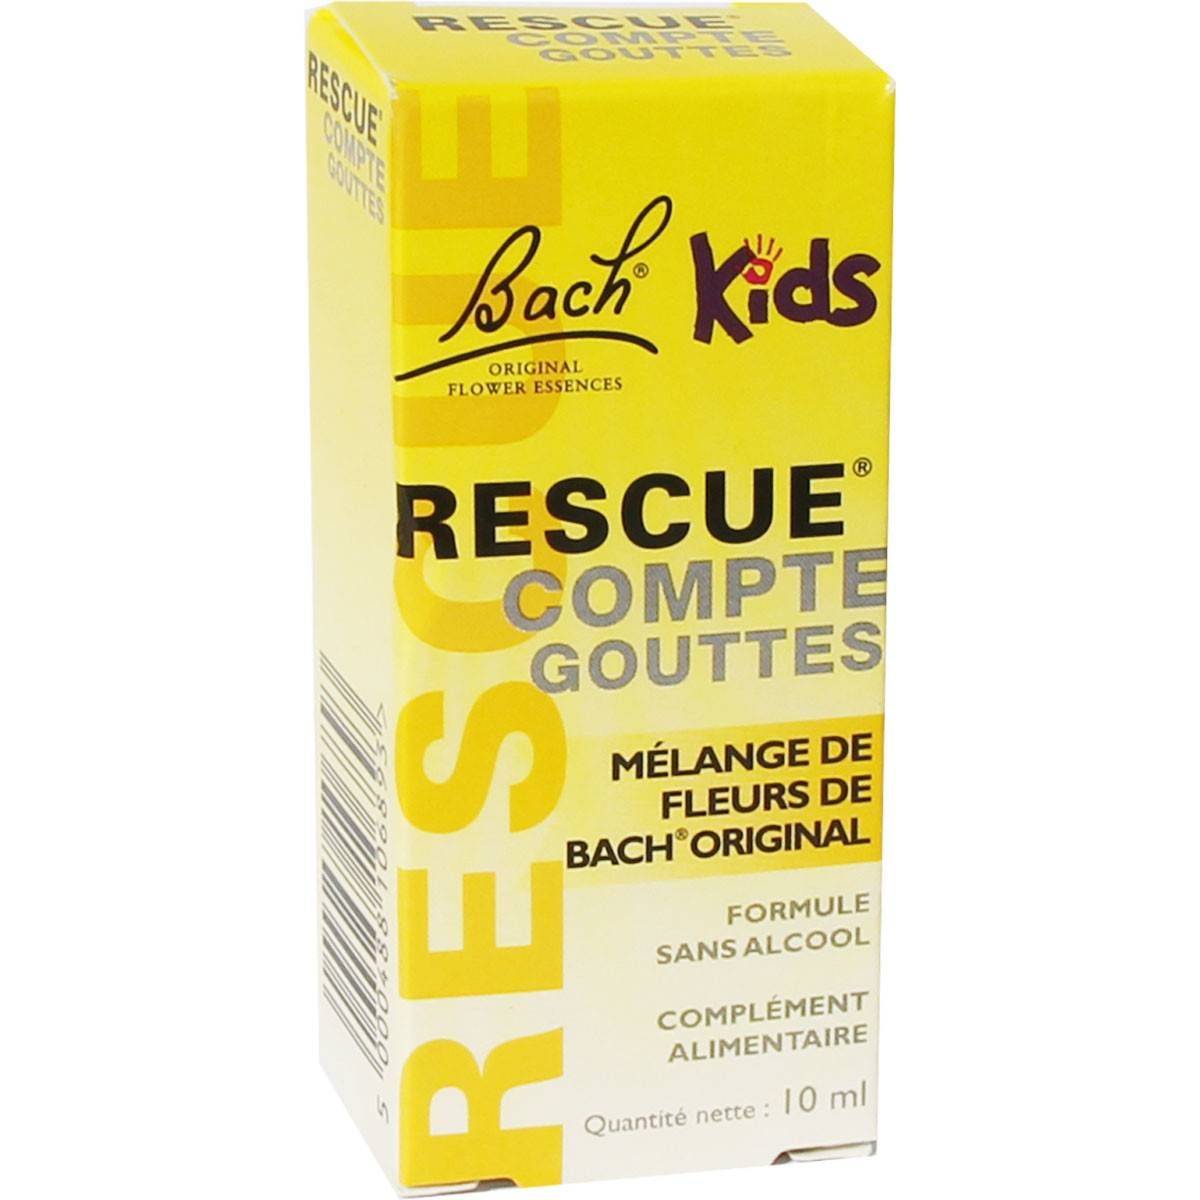 FLEUR BACH FAMADEM Bach rescue compte gouttes 10 ml kids